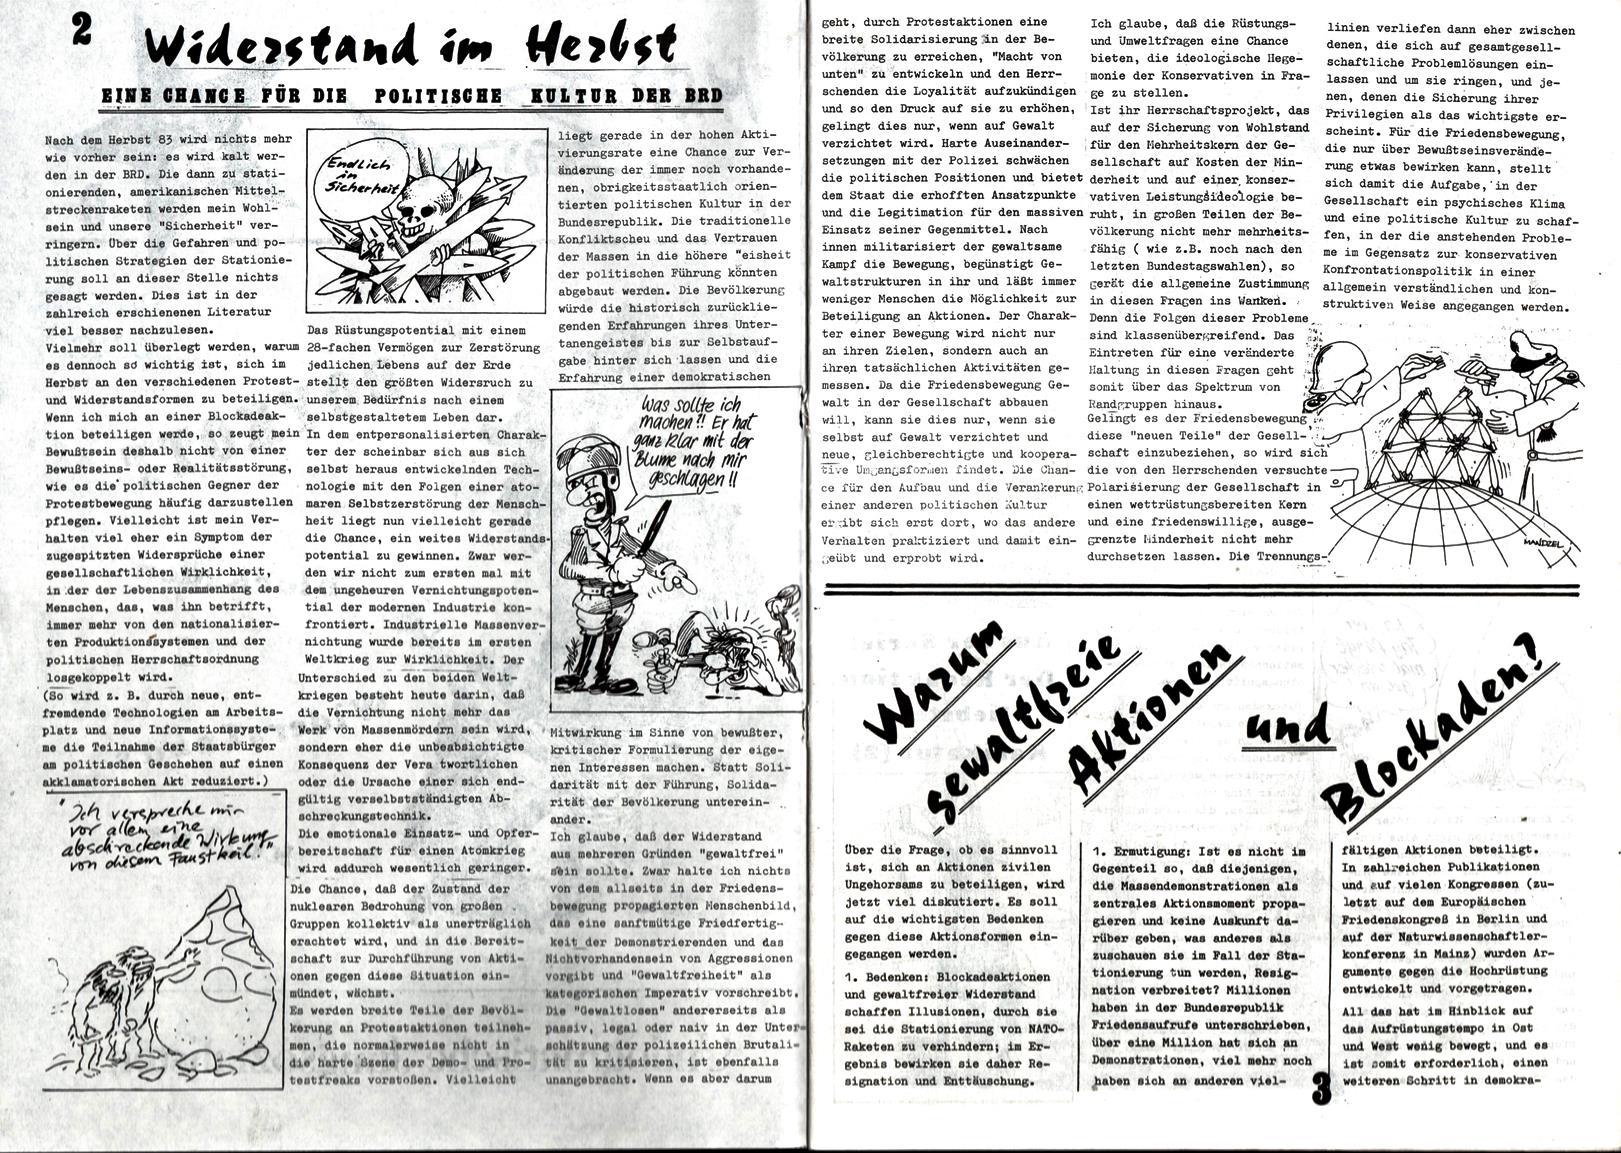 Berlin_Jusos_Harte_Zeiten_19831000_002